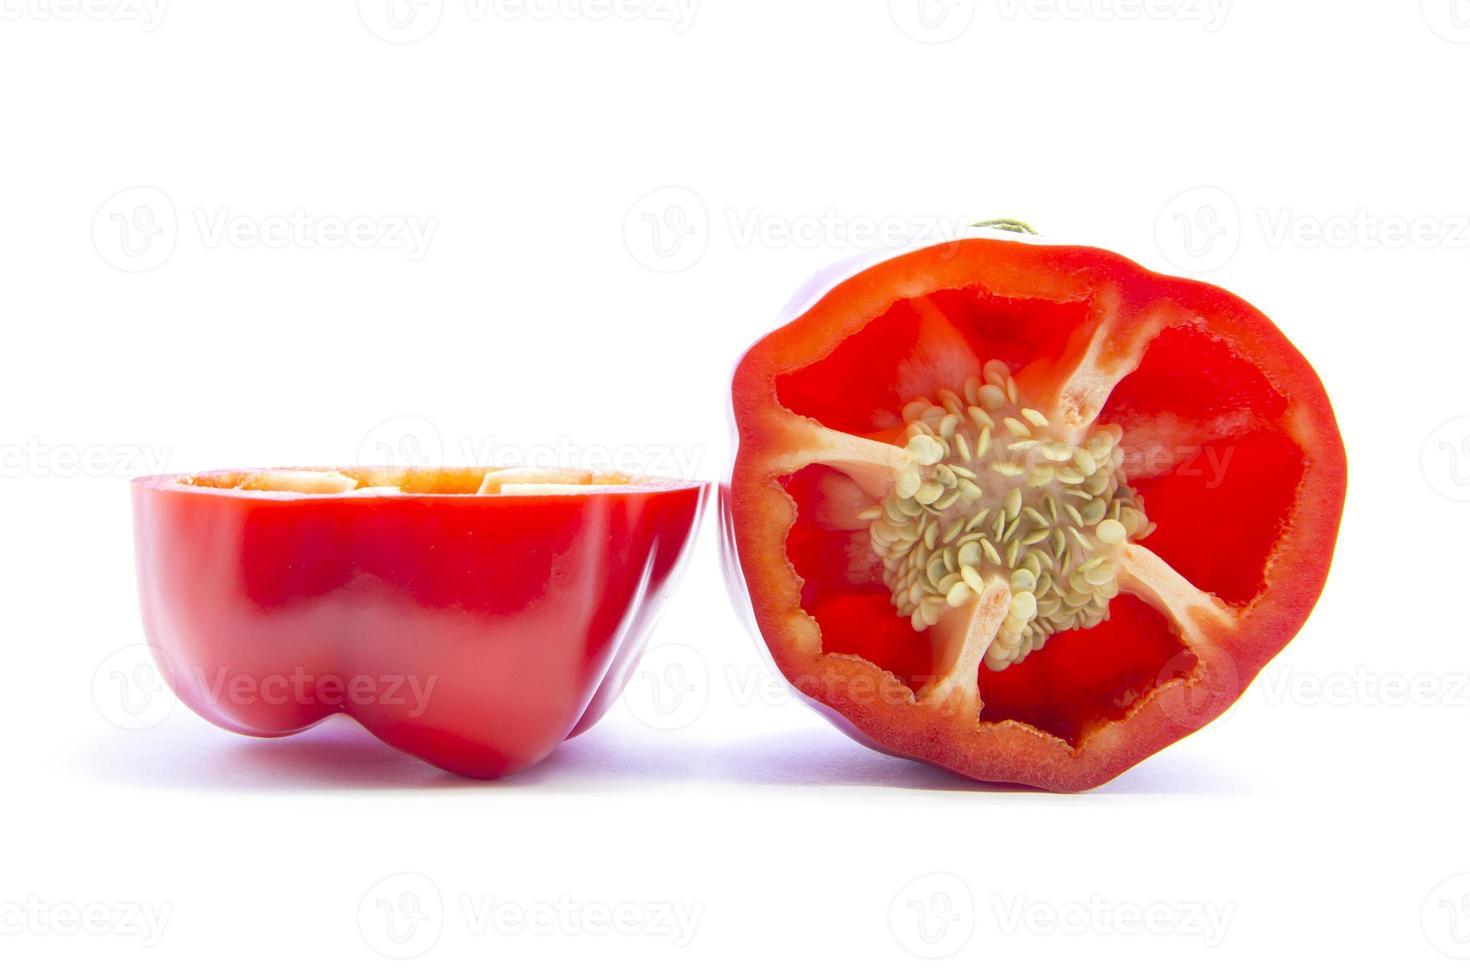 halvskivad röd spansk chilipeppar med utsäde foto